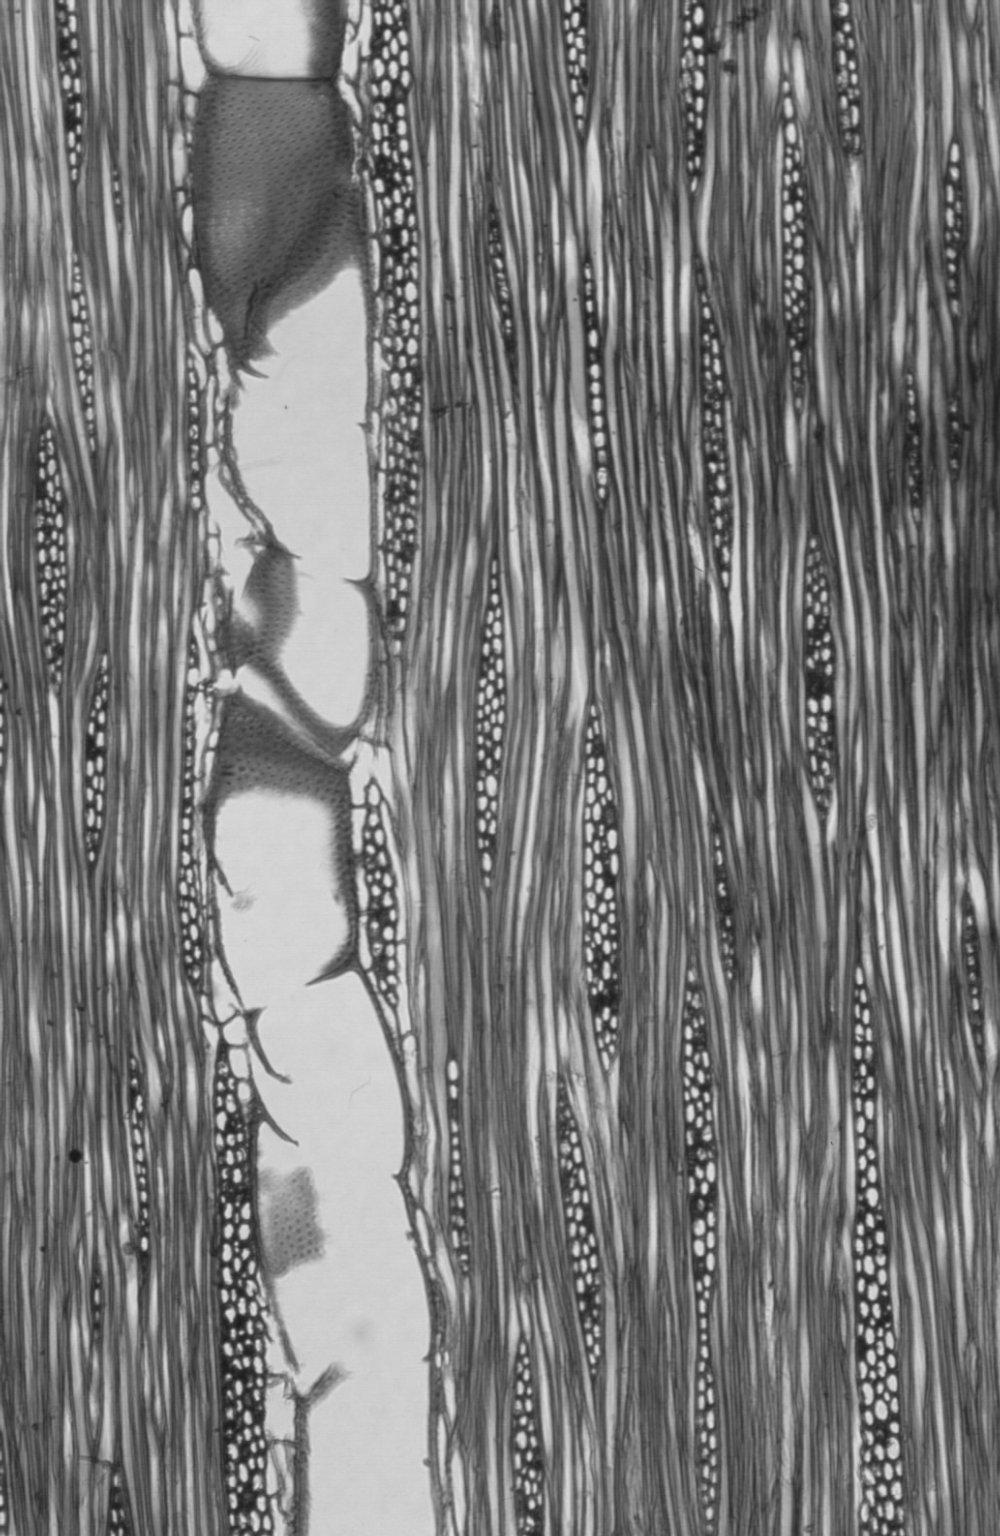 LEGUMINOSAE CAESALPINIOIDEAE Mimosoid Clade Acacia decurrens